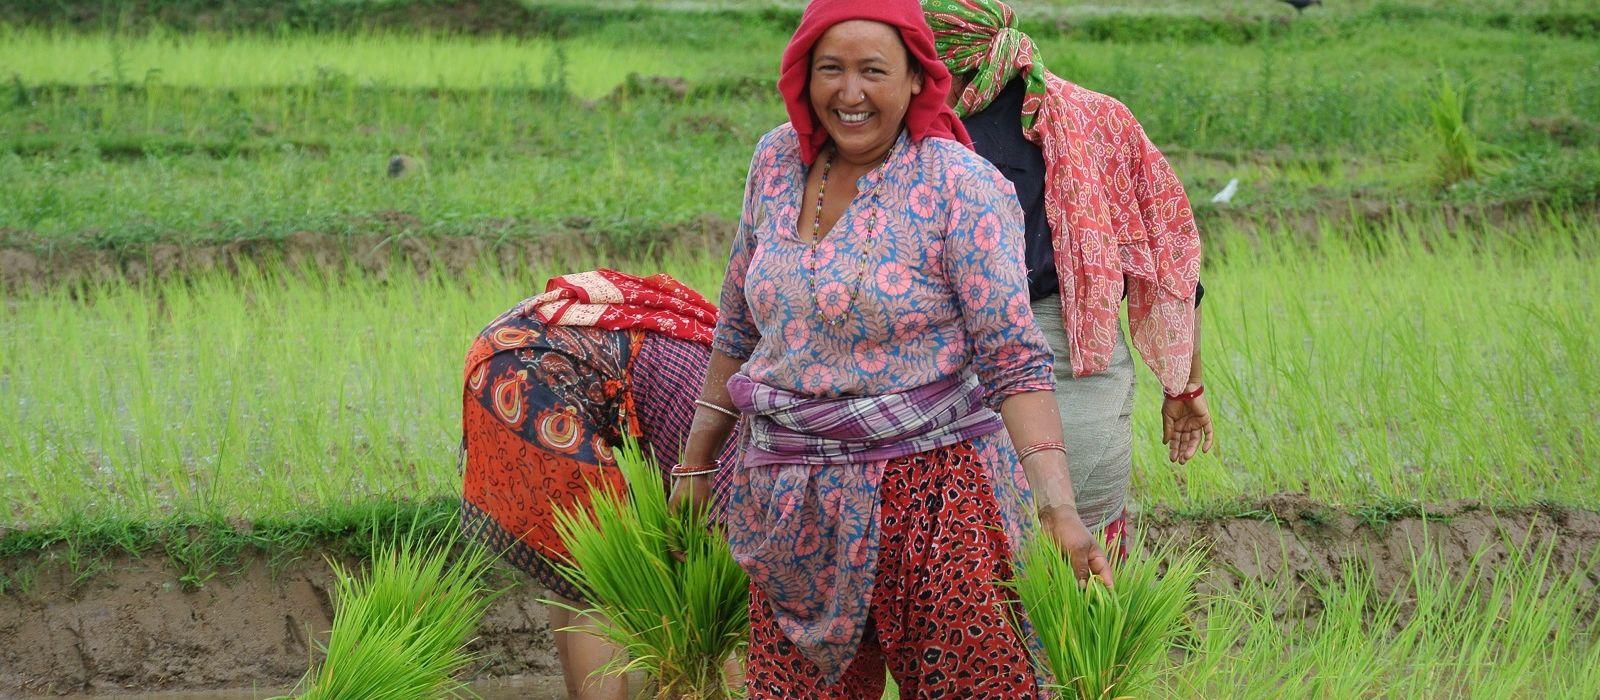 Höhepunkte von Nepal & Bhutan Urlaub 3